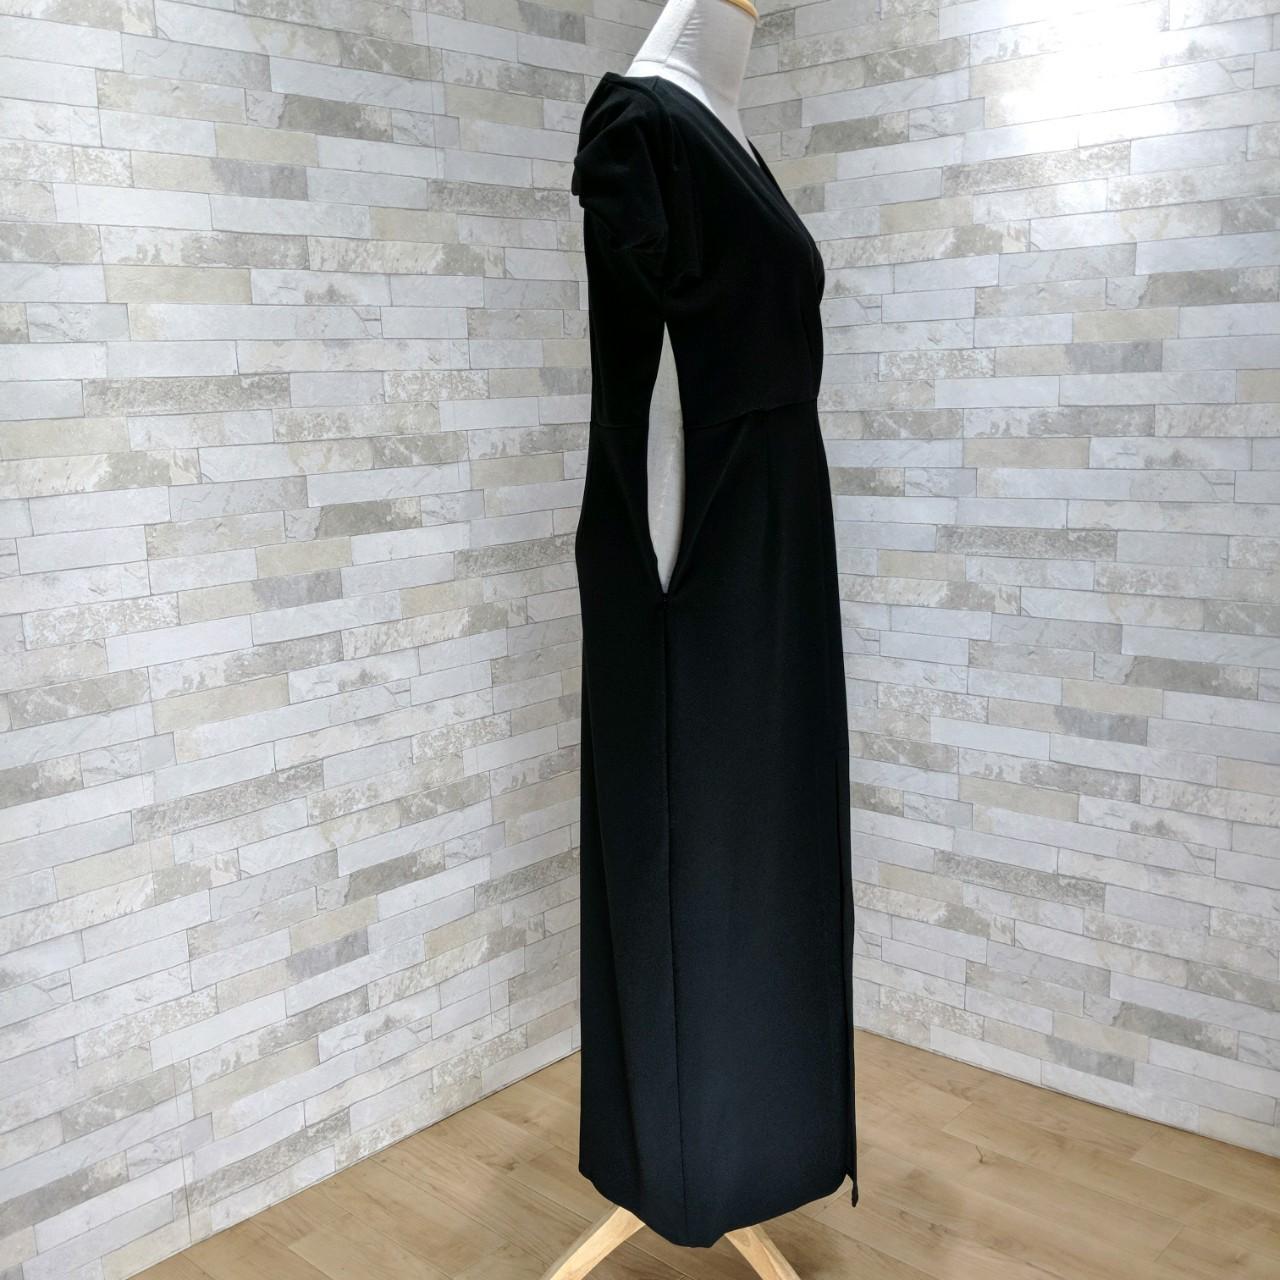 【即納】韓国 ファッション ワンピース パーティードレス ロング マキシ 秋 冬 パーティー ブライダル SPTXC523 結婚式 お呼ばれ ラップ ドレープ ウエストマーク 二次会 セレブ きれいめの写真16枚目